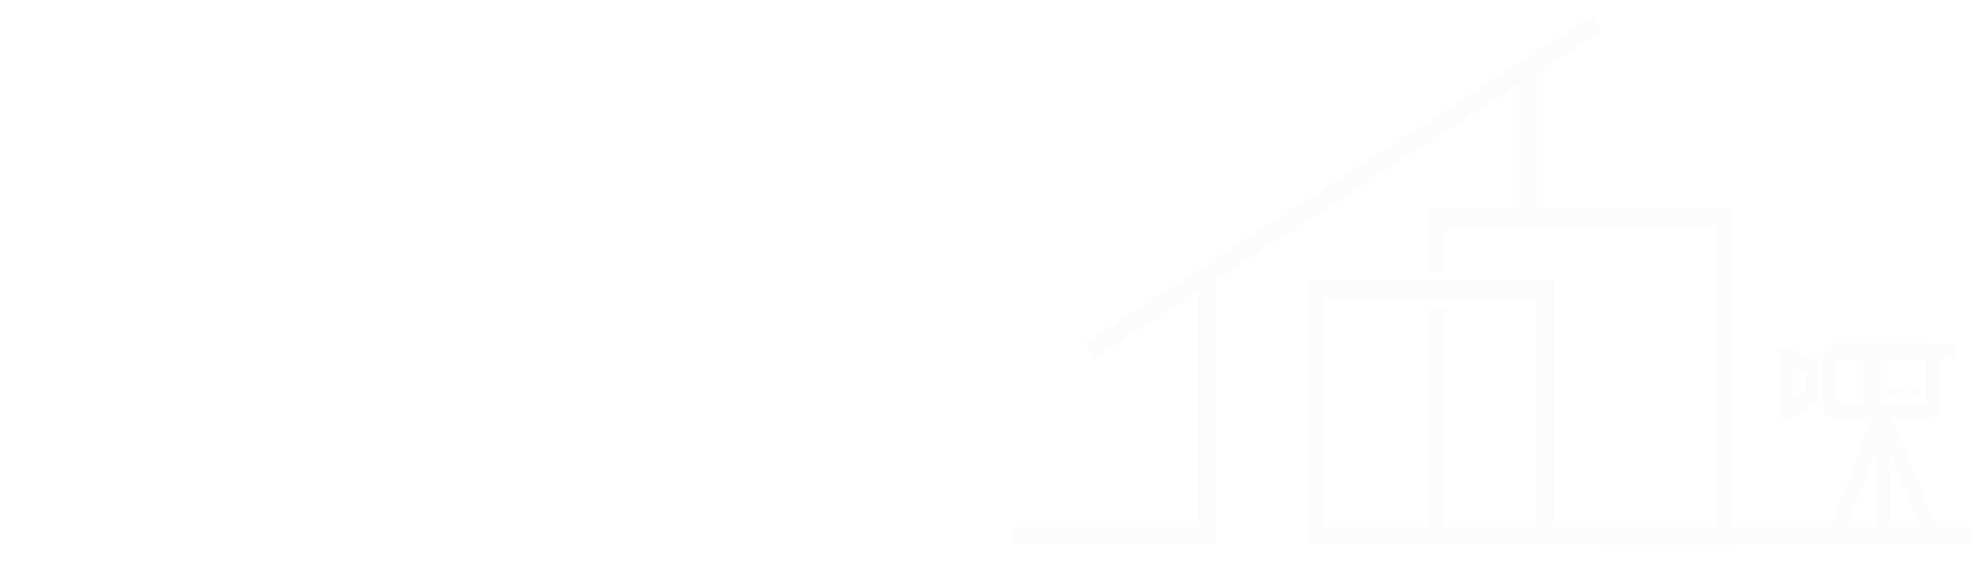 Fotomomente Schubert